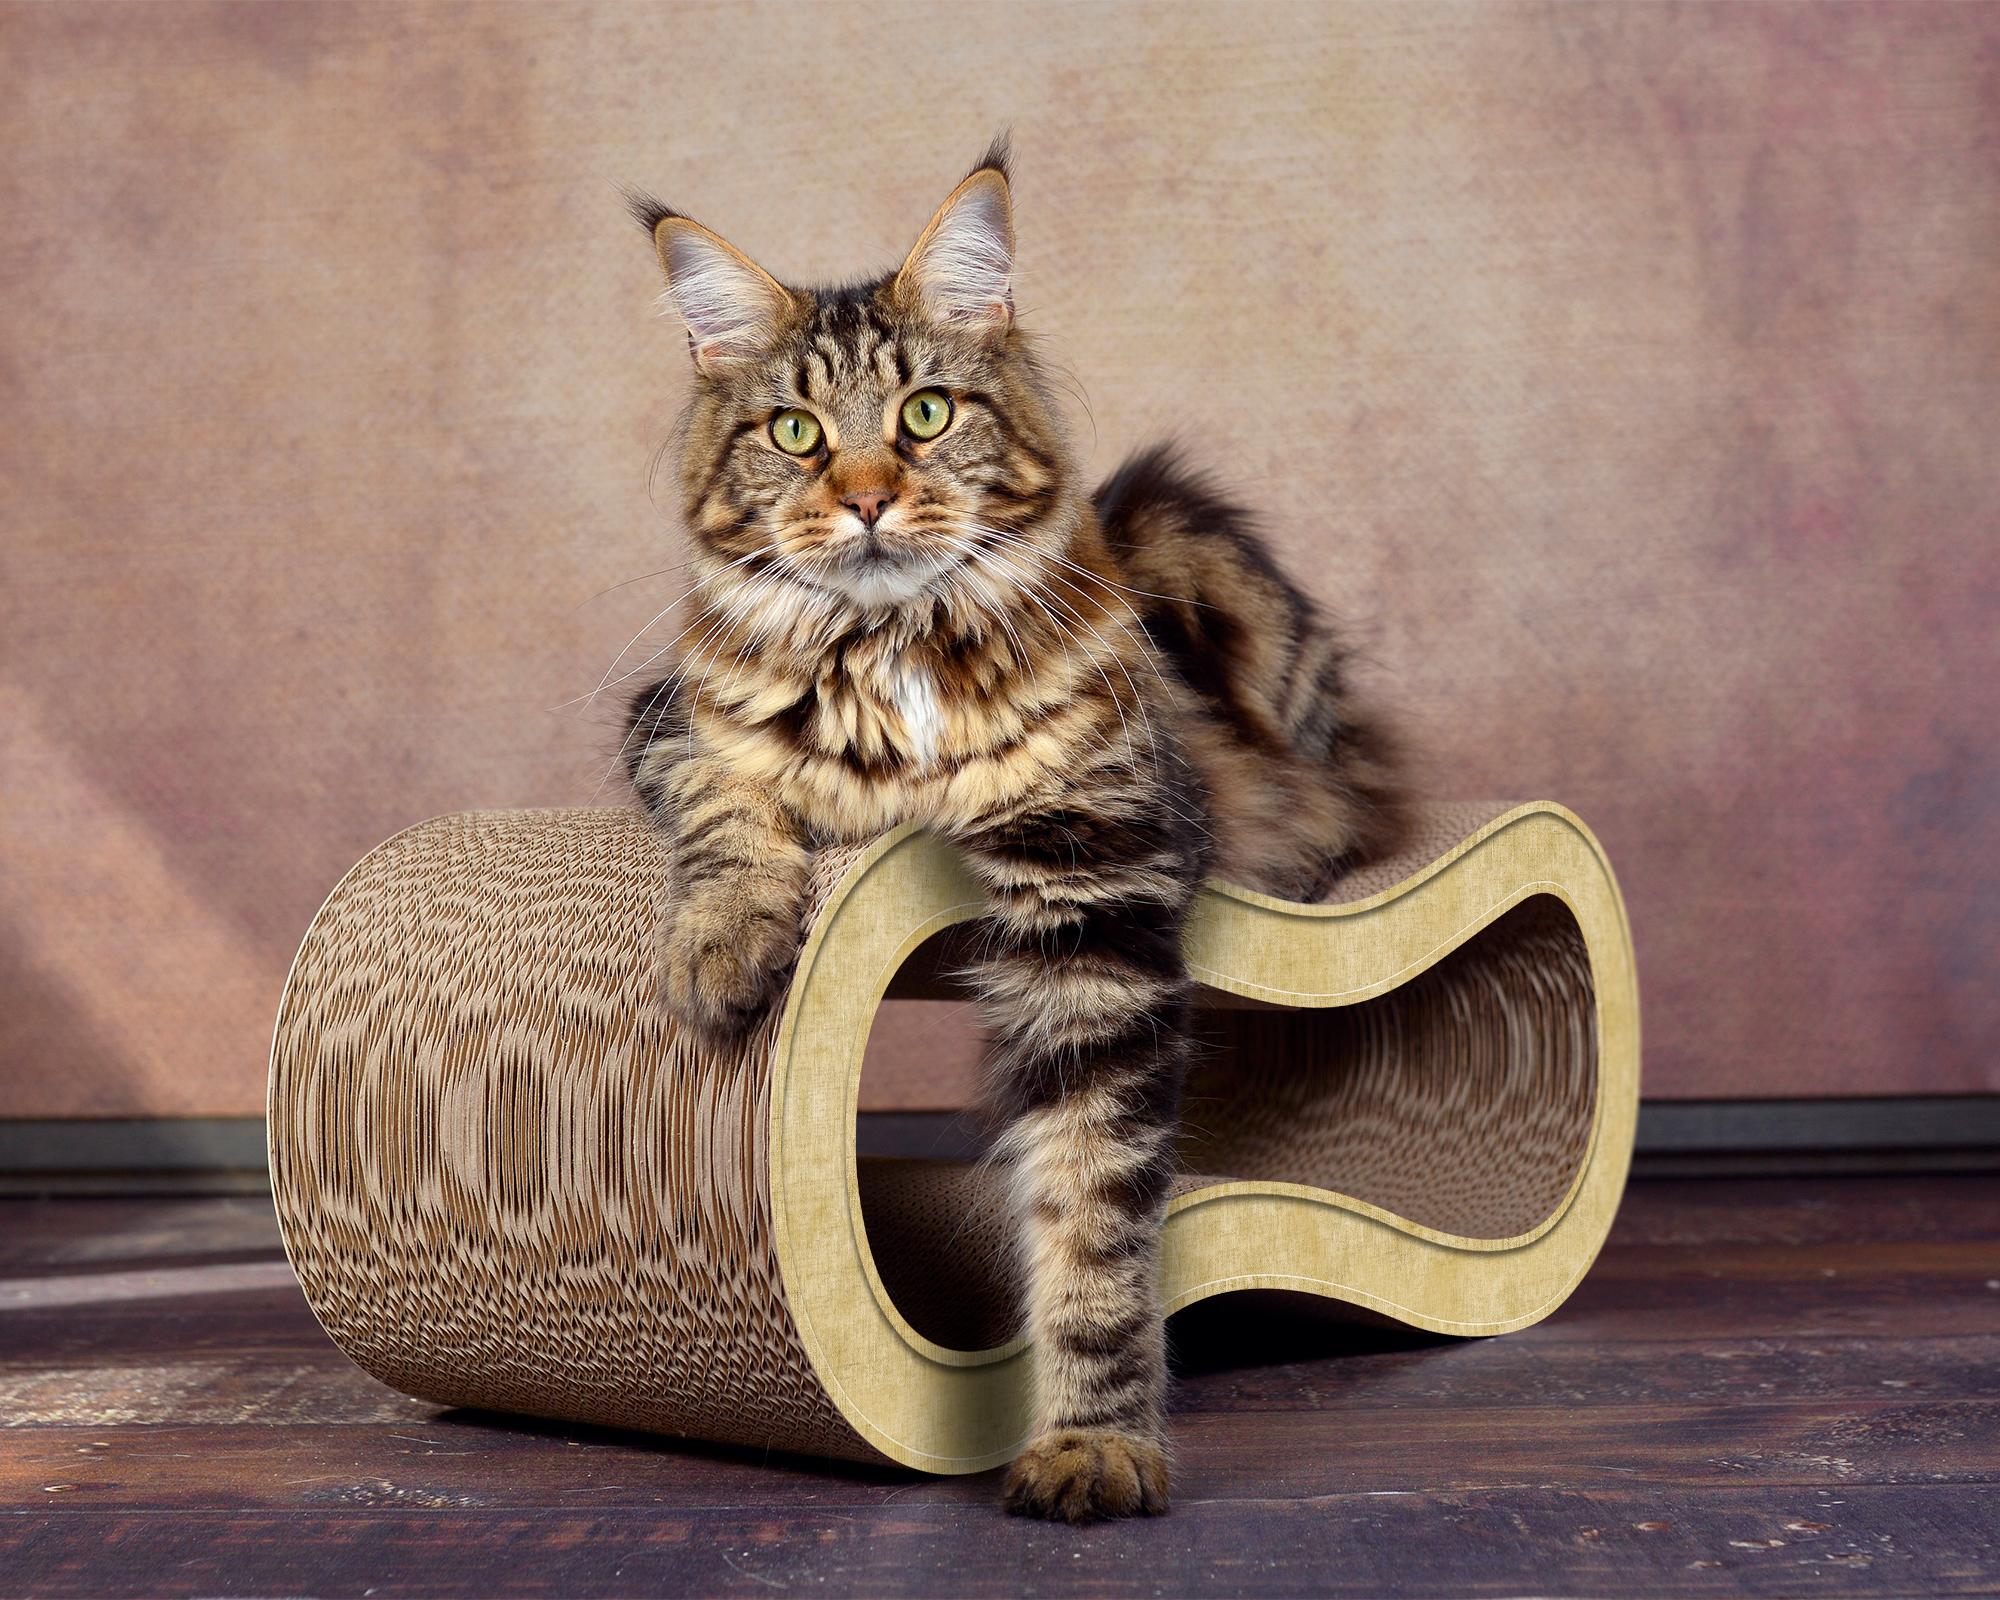 Design Katzenmöbel aus Kratzpappe Singha M - Farbe: sand 005